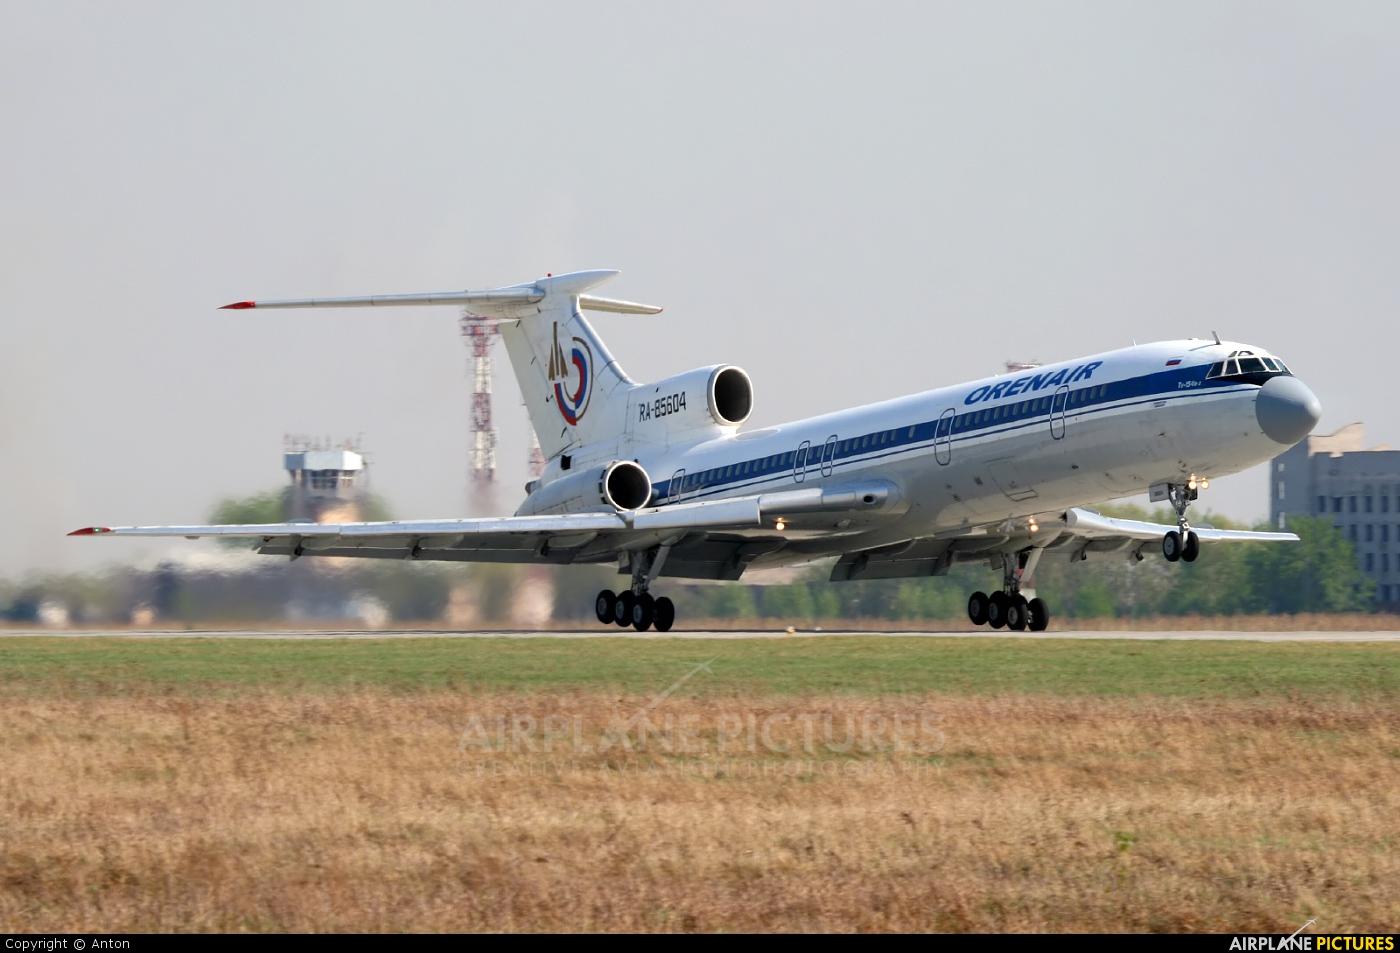 Orenair RA-85604 aircraft at Chelyabinsk